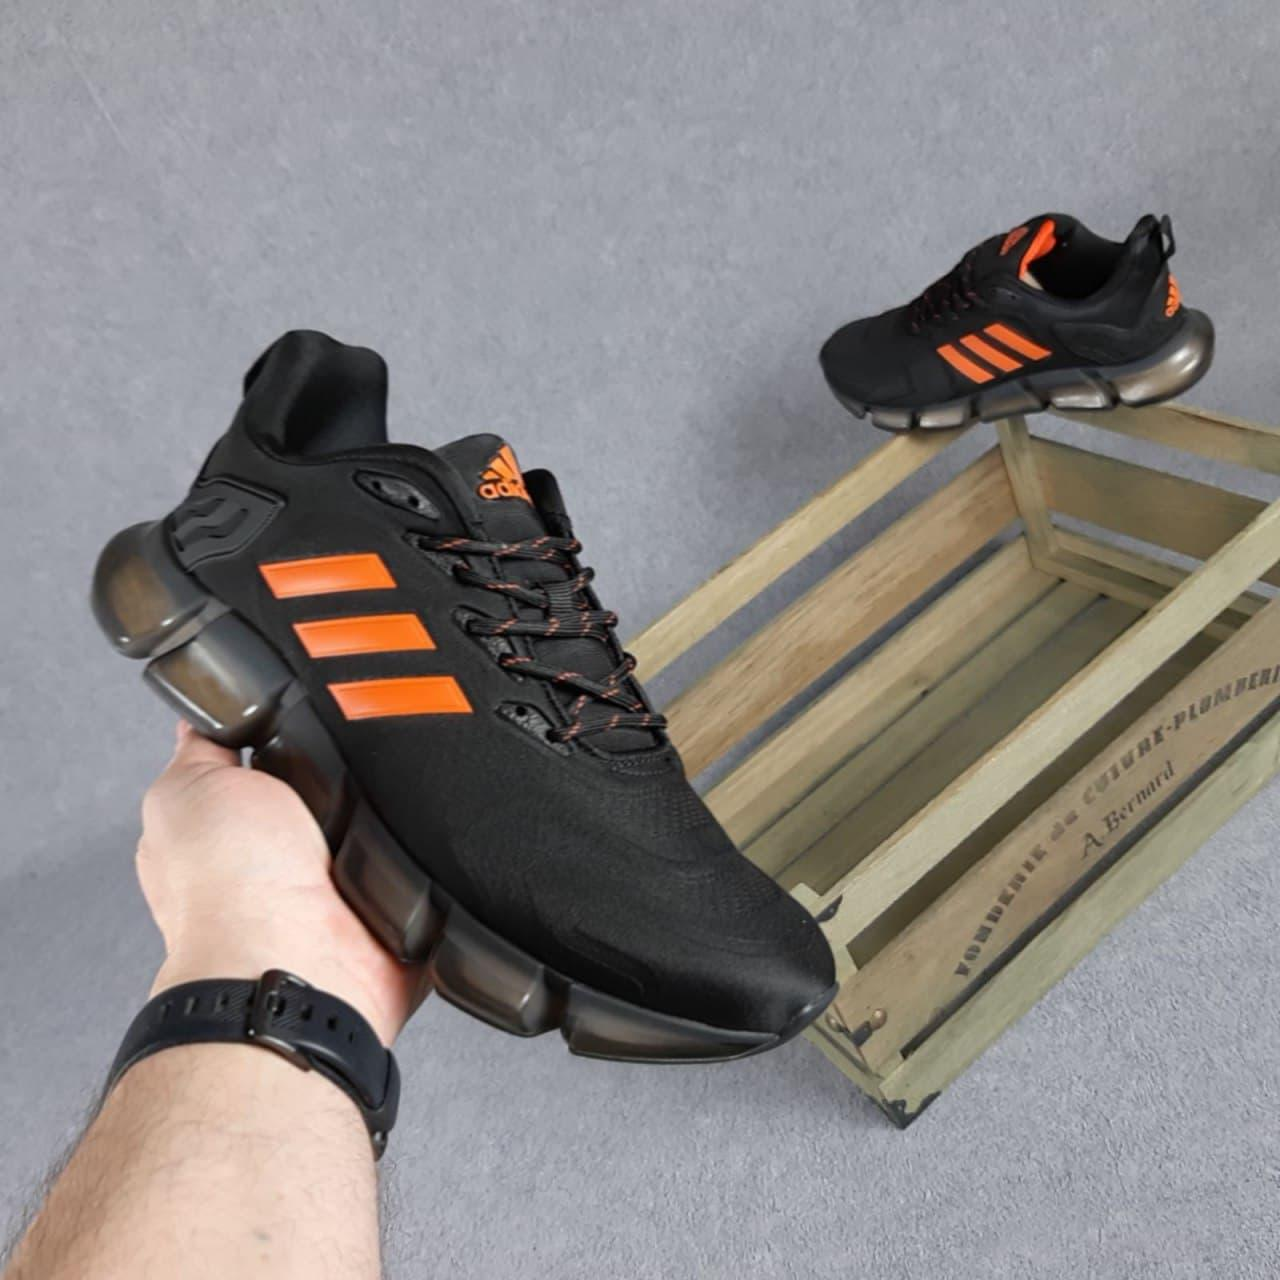 Чоловічі кросівки Adidas Vento (чорні з помаранчевим) O10416 модна демісезонне взуття